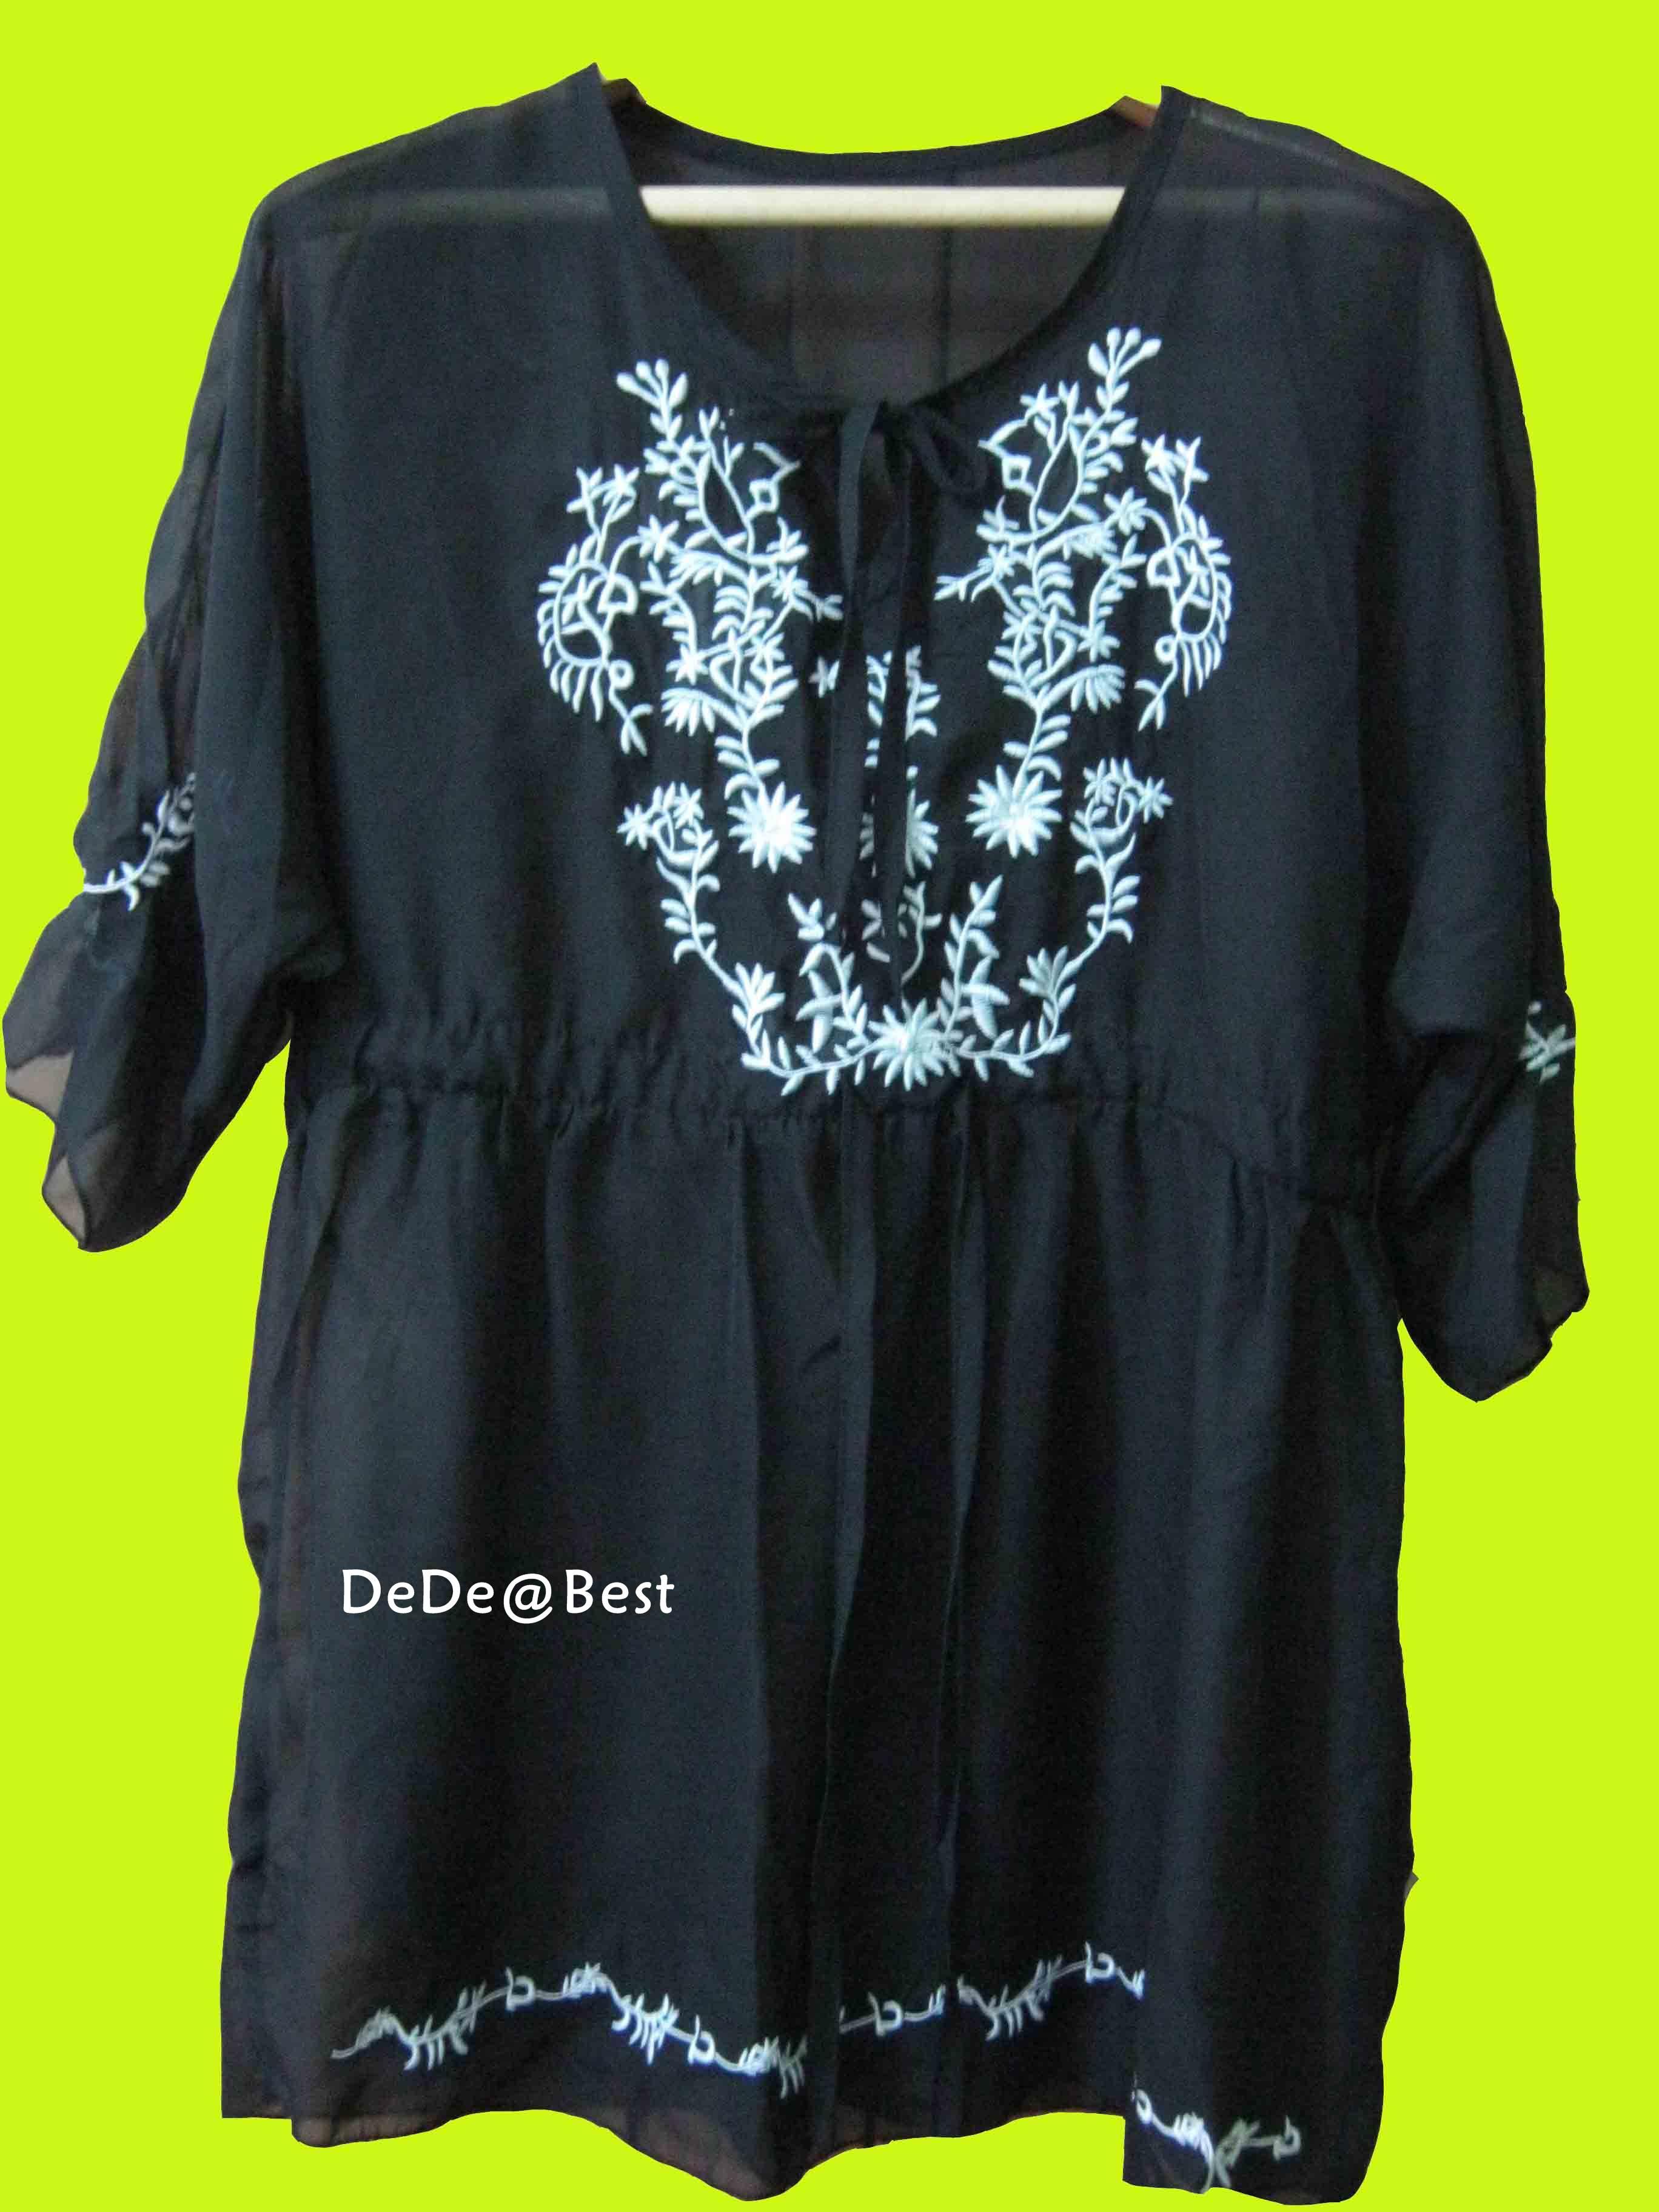 ขายแล้วค่ะ T22:Vintage top เสื้อซีฟองสีดำตัวยาวปักลายเถาดอกไม้ขาว&#x2764